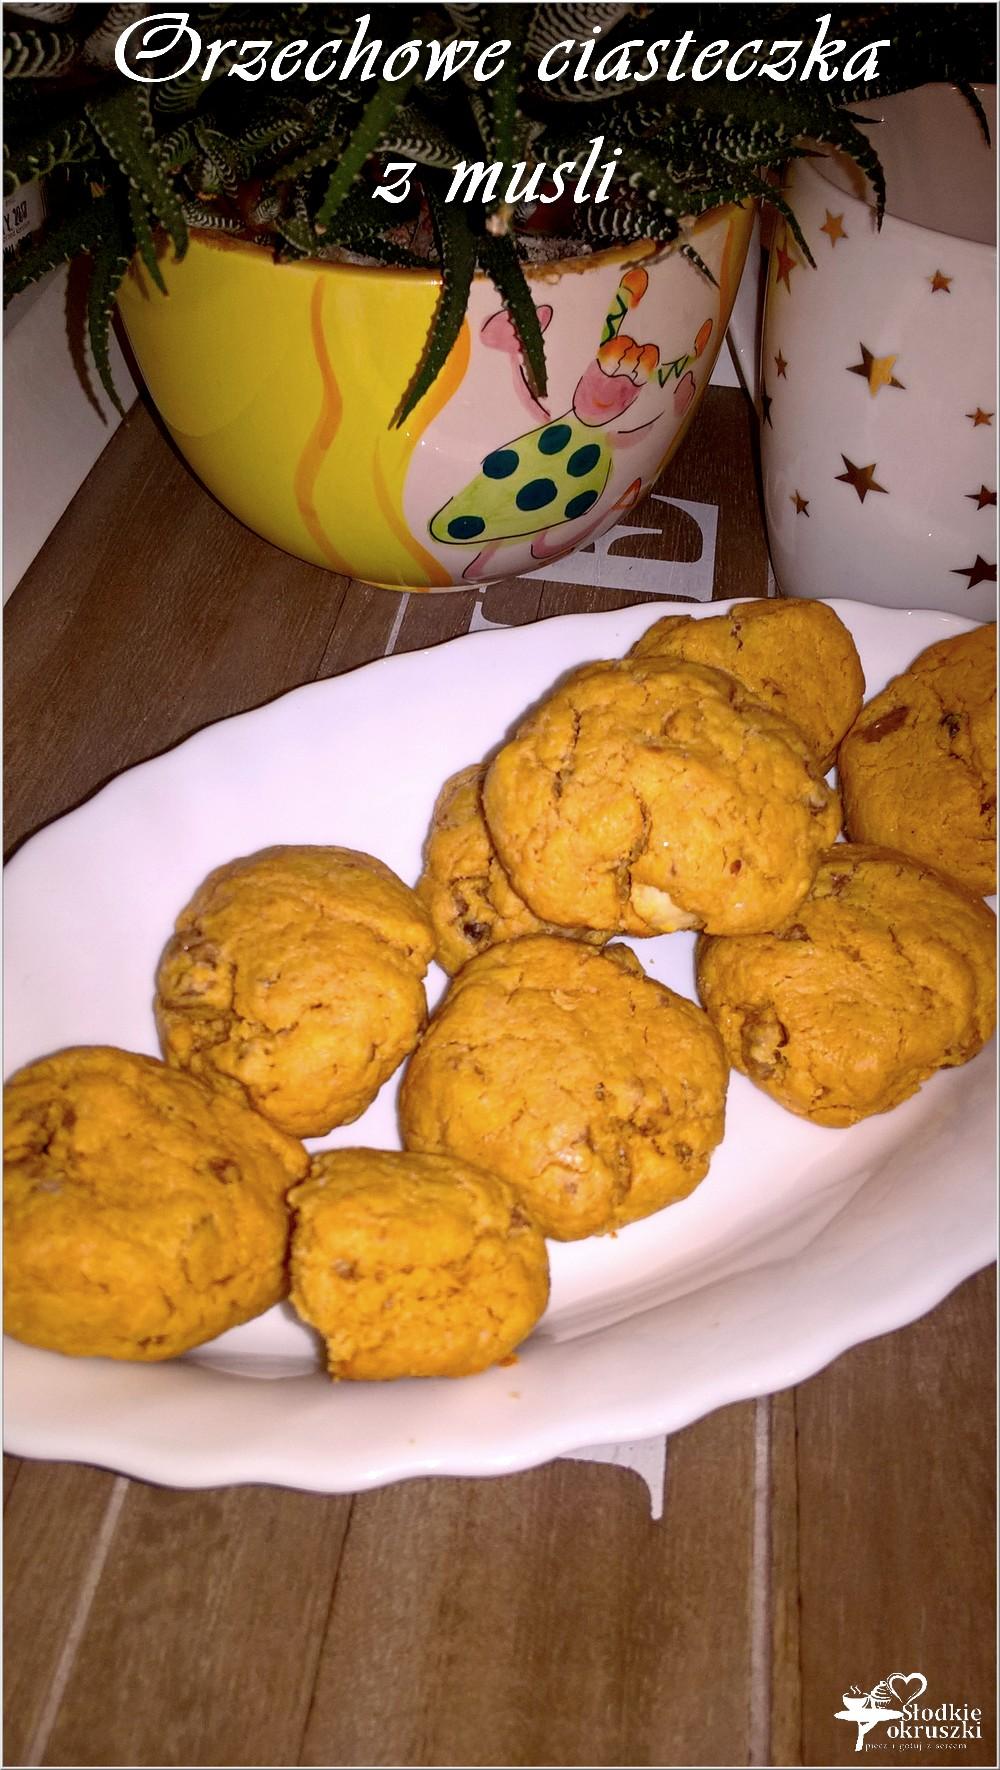 Orzechowe ciasteczka z musli (szybkie) (1)